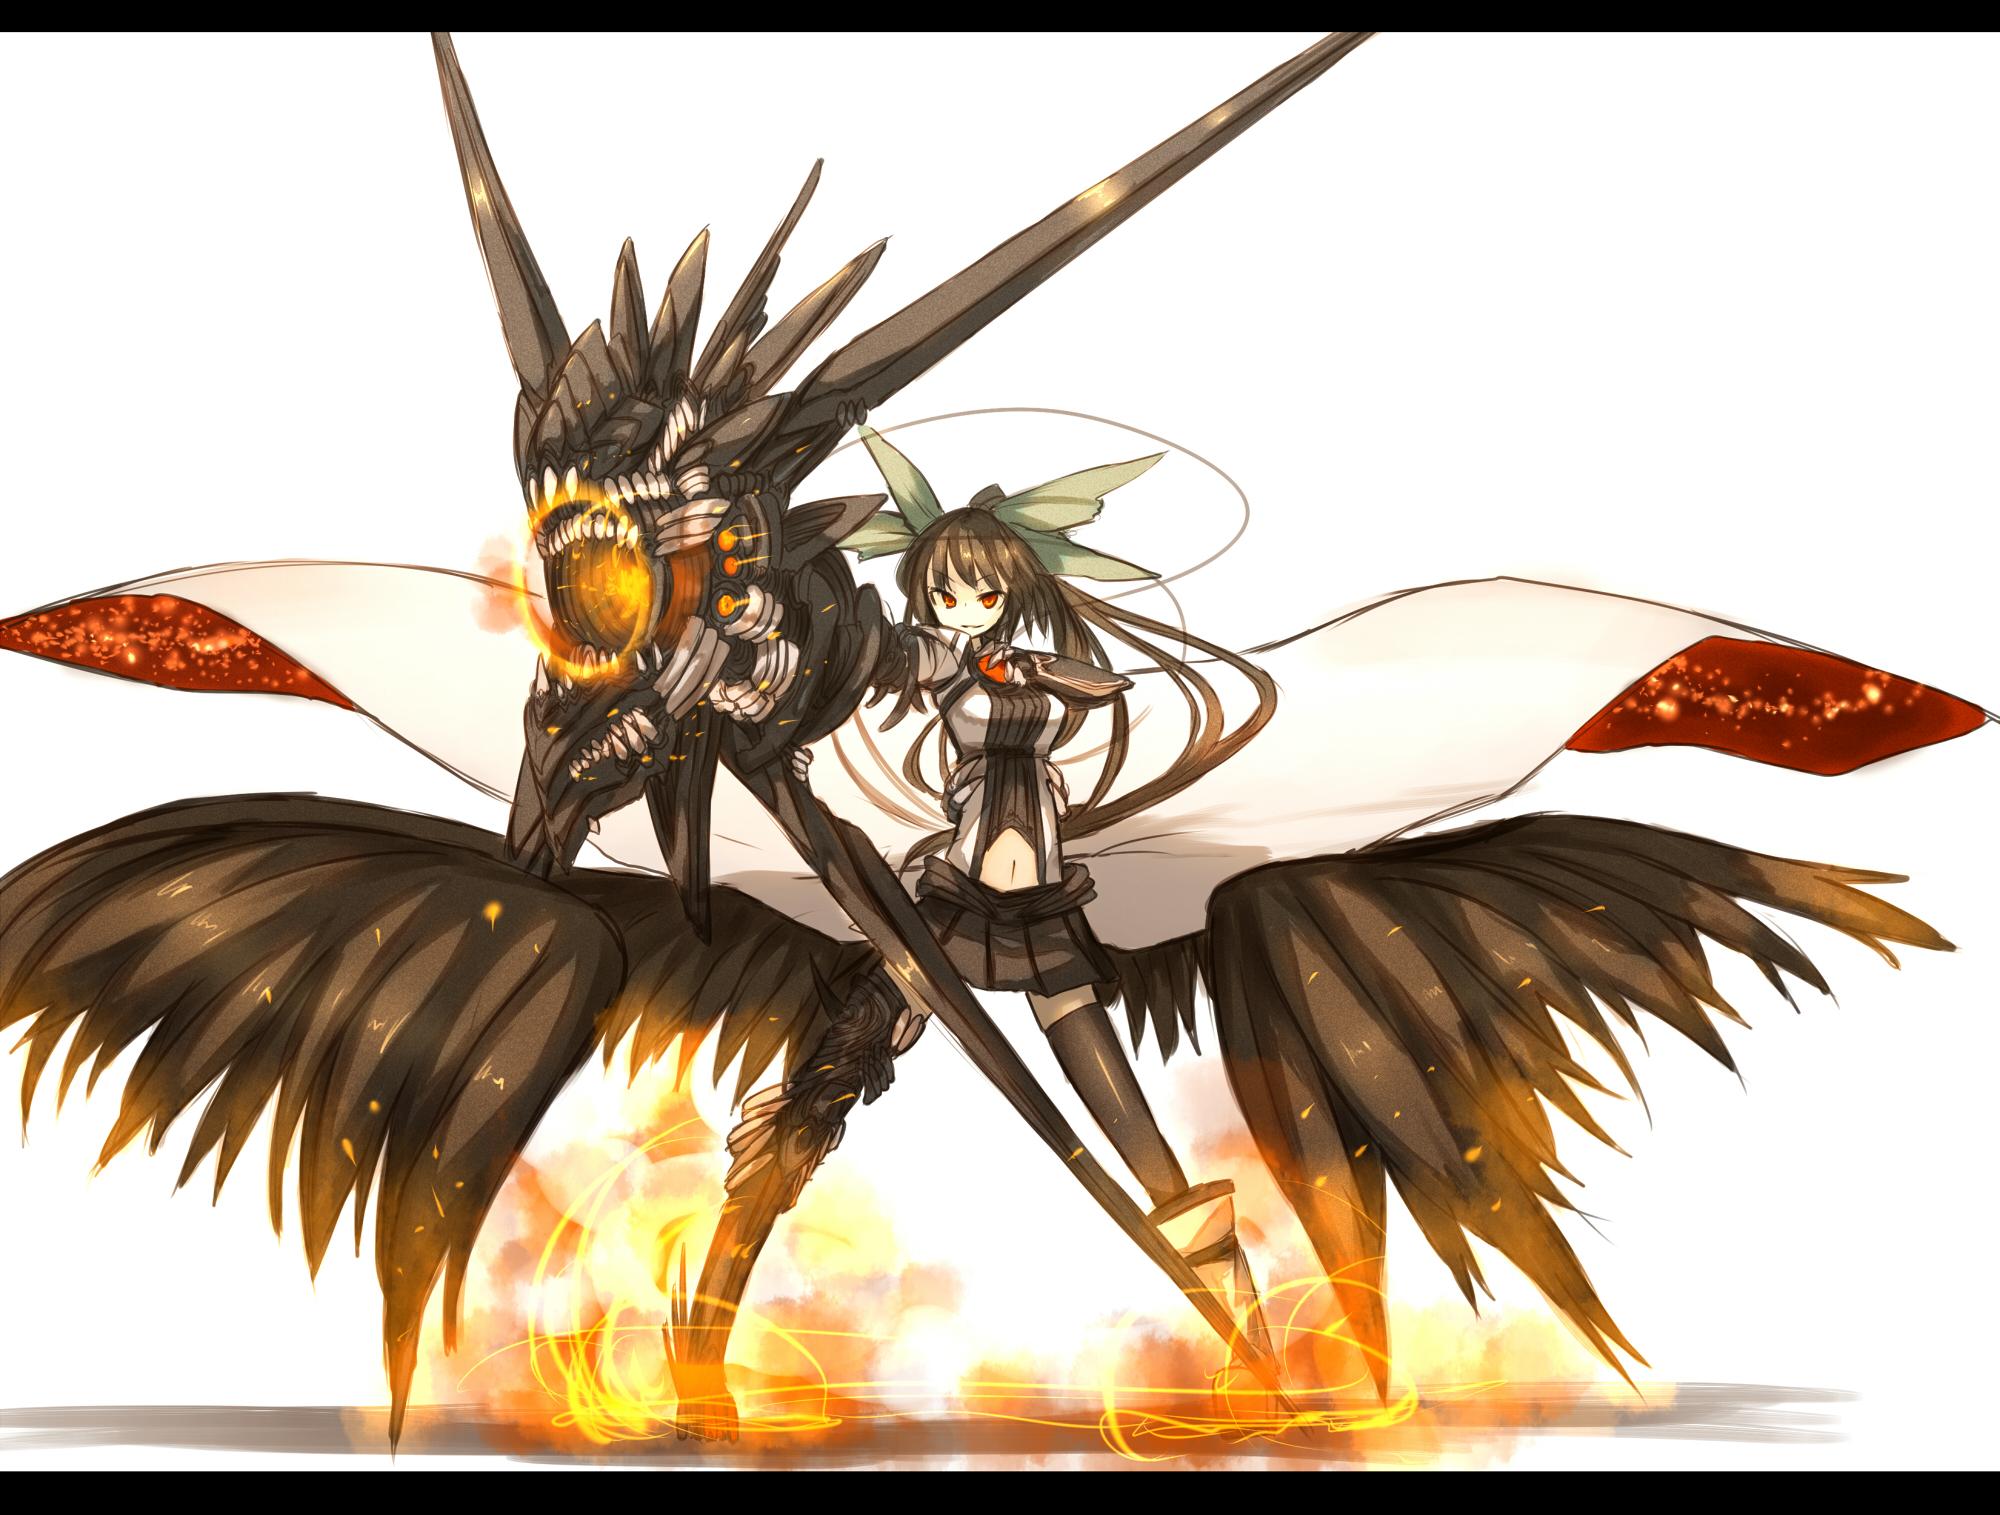 Utsuho S Fancy Cannon Reiuji Utsuho Zerochan Anime Image Board